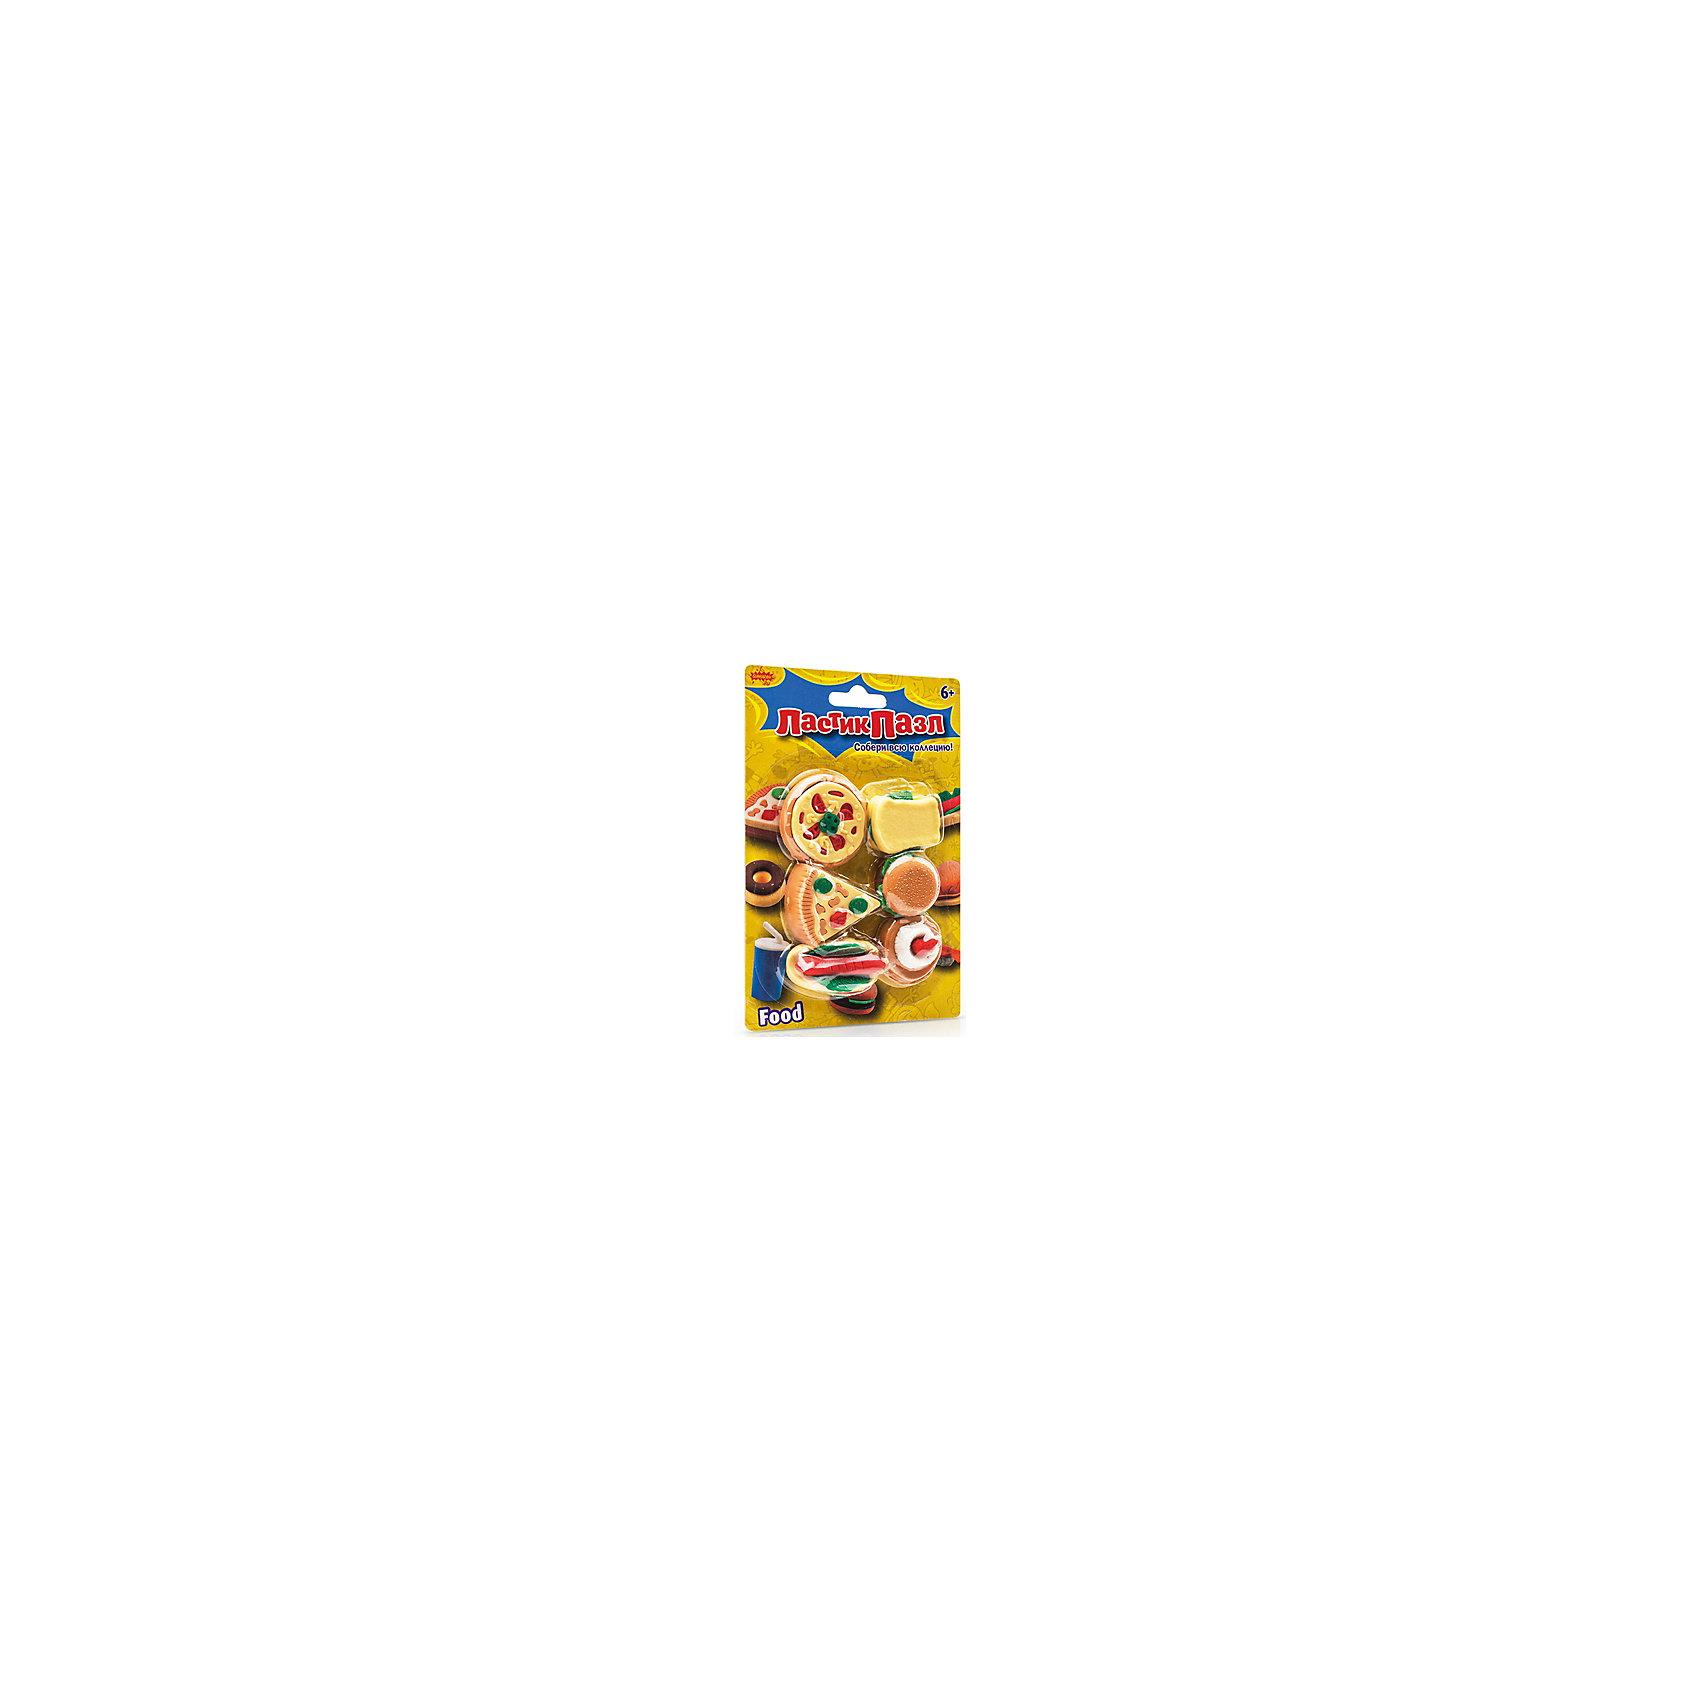 Набор ластиков-пазлов Закуски БумбарамЧертежные принадлежности<br>Набор Ластики-пазлы на блистере Закуски, Бумбарам.<br><br>Характеристики:<br><br>• качественный ластик<br>• каждый ластик состоит из нескольких пазлов<br>• развивает внимательность, усидчивость и мелкую моторику<br>• яркий дизайн<br>• материал: резина<br>• размер фигурок: 2-4 см<br>• размер упаковки: 13,5х9,5 см<br>• вес: 85 грамм<br><br>Набор Ластики-пазлы. Закуски понравится каждому любителю фаст-фуда. Ластики, конечно, не съедобные, зато ребенок сможет разобрать их и собрать заново, использую логику и мышление. Такие головоломки развивают мелкую моторику, усидчивость и внимательность. Превосходный подарок любителям оригинальных пазлов!<br><br>Набор Ластики-пазлы на блистере Закуски, Бумбарам вы можете приобрести в нашем интернет-магазине.<br><br>Ширина мм: 135<br>Глубина мм: 95<br>Высота мм: 50<br>Вес г: 85<br>Возраст от месяцев: 72<br>Возраст до месяцев: 144<br>Пол: Унисекс<br>Возраст: Детский<br>SKU: 5054009